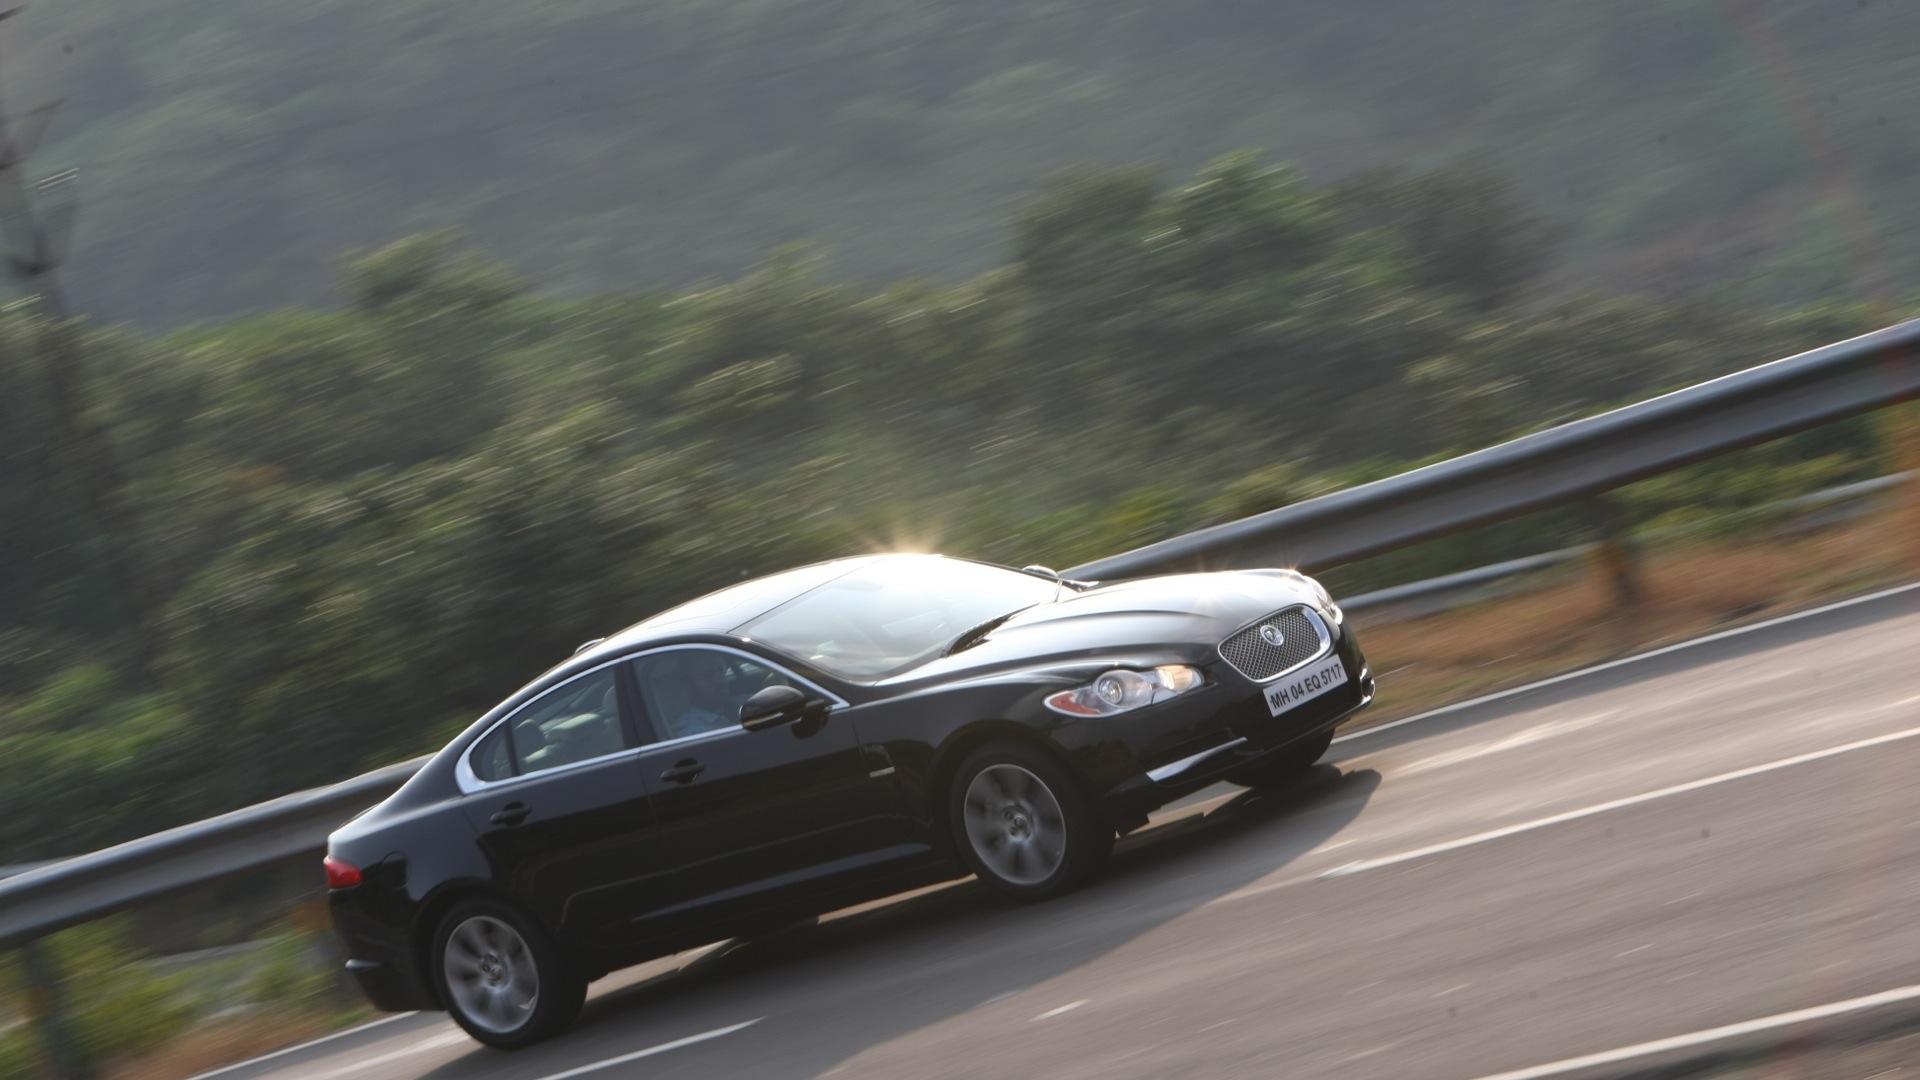 Jaguar-XF-2013-S-Exterior